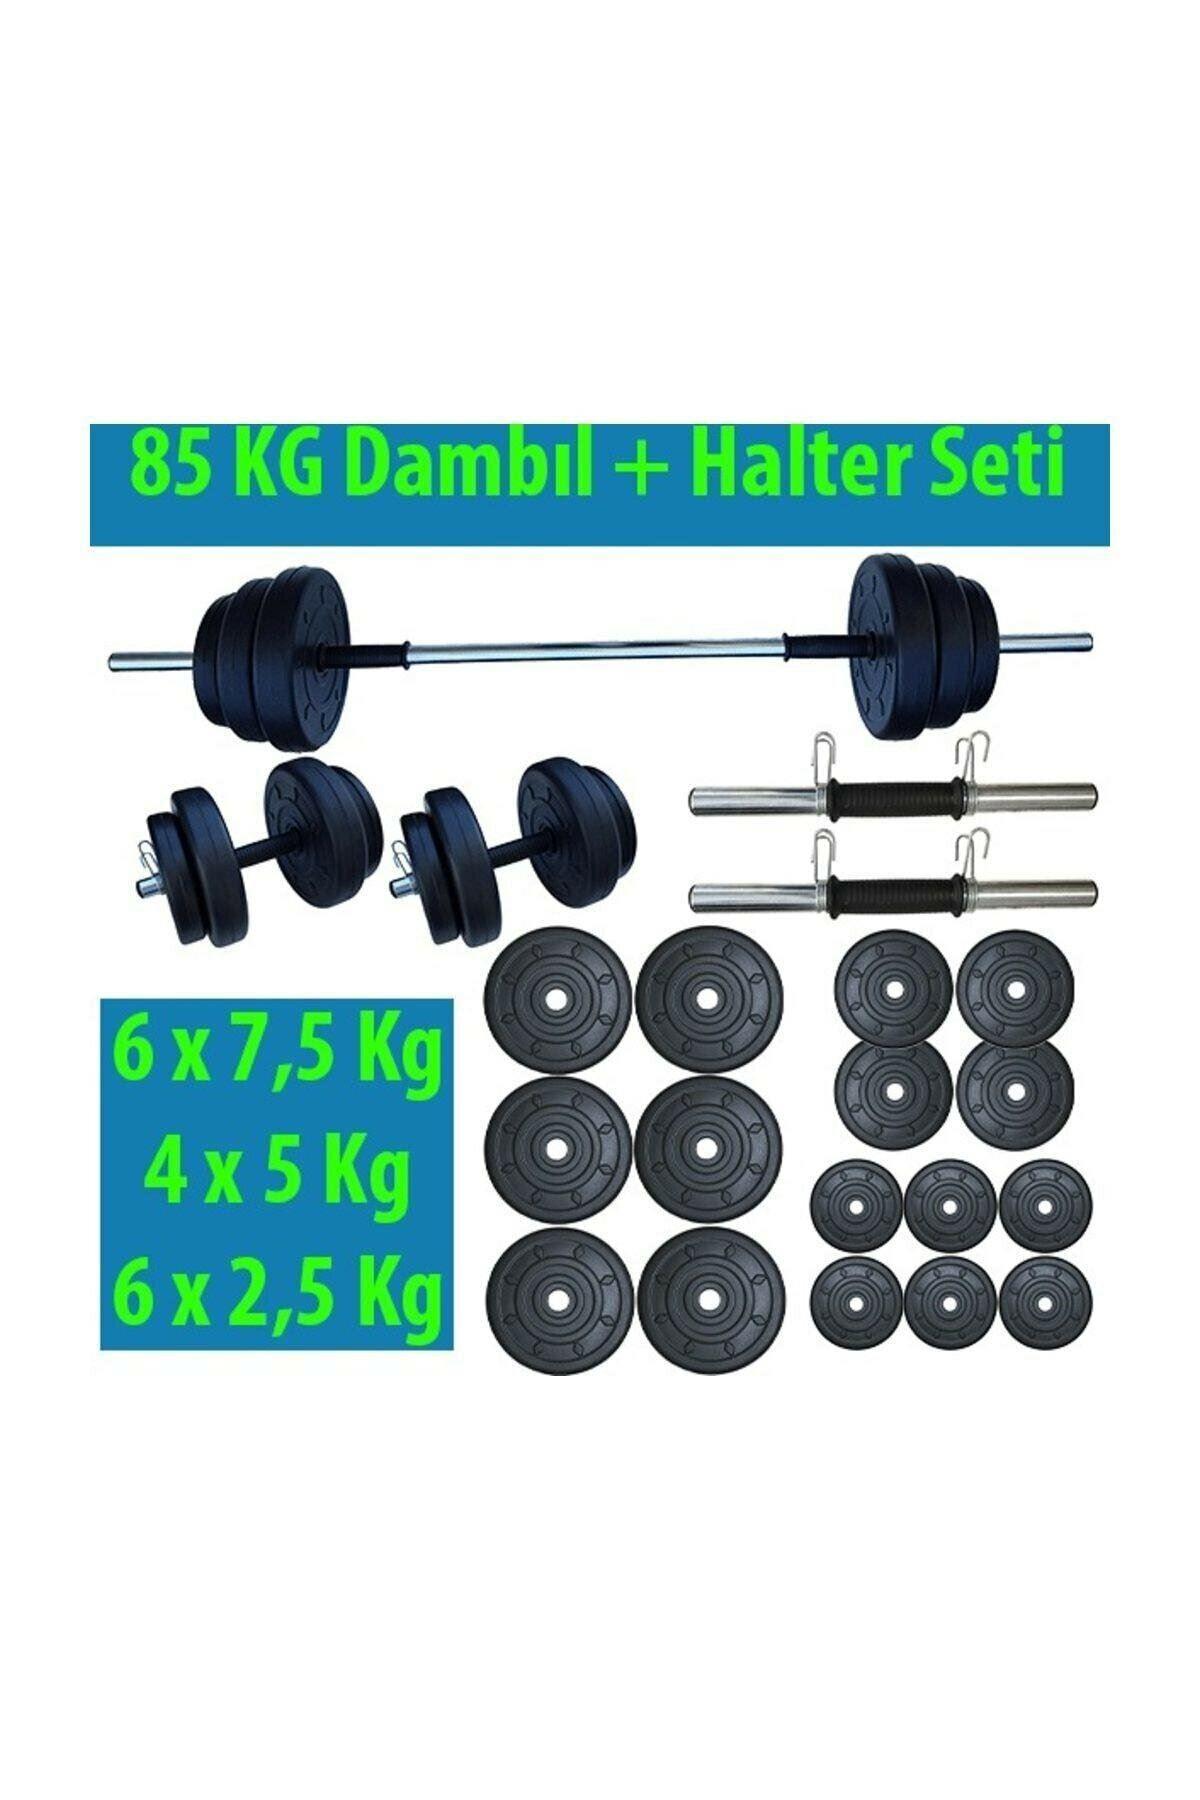 Dambılcım 85 KG Halter Seti Dambıl Seti Ağırlık ve Vücut Geliştirme Aleti 85 Kg Dumbell Set